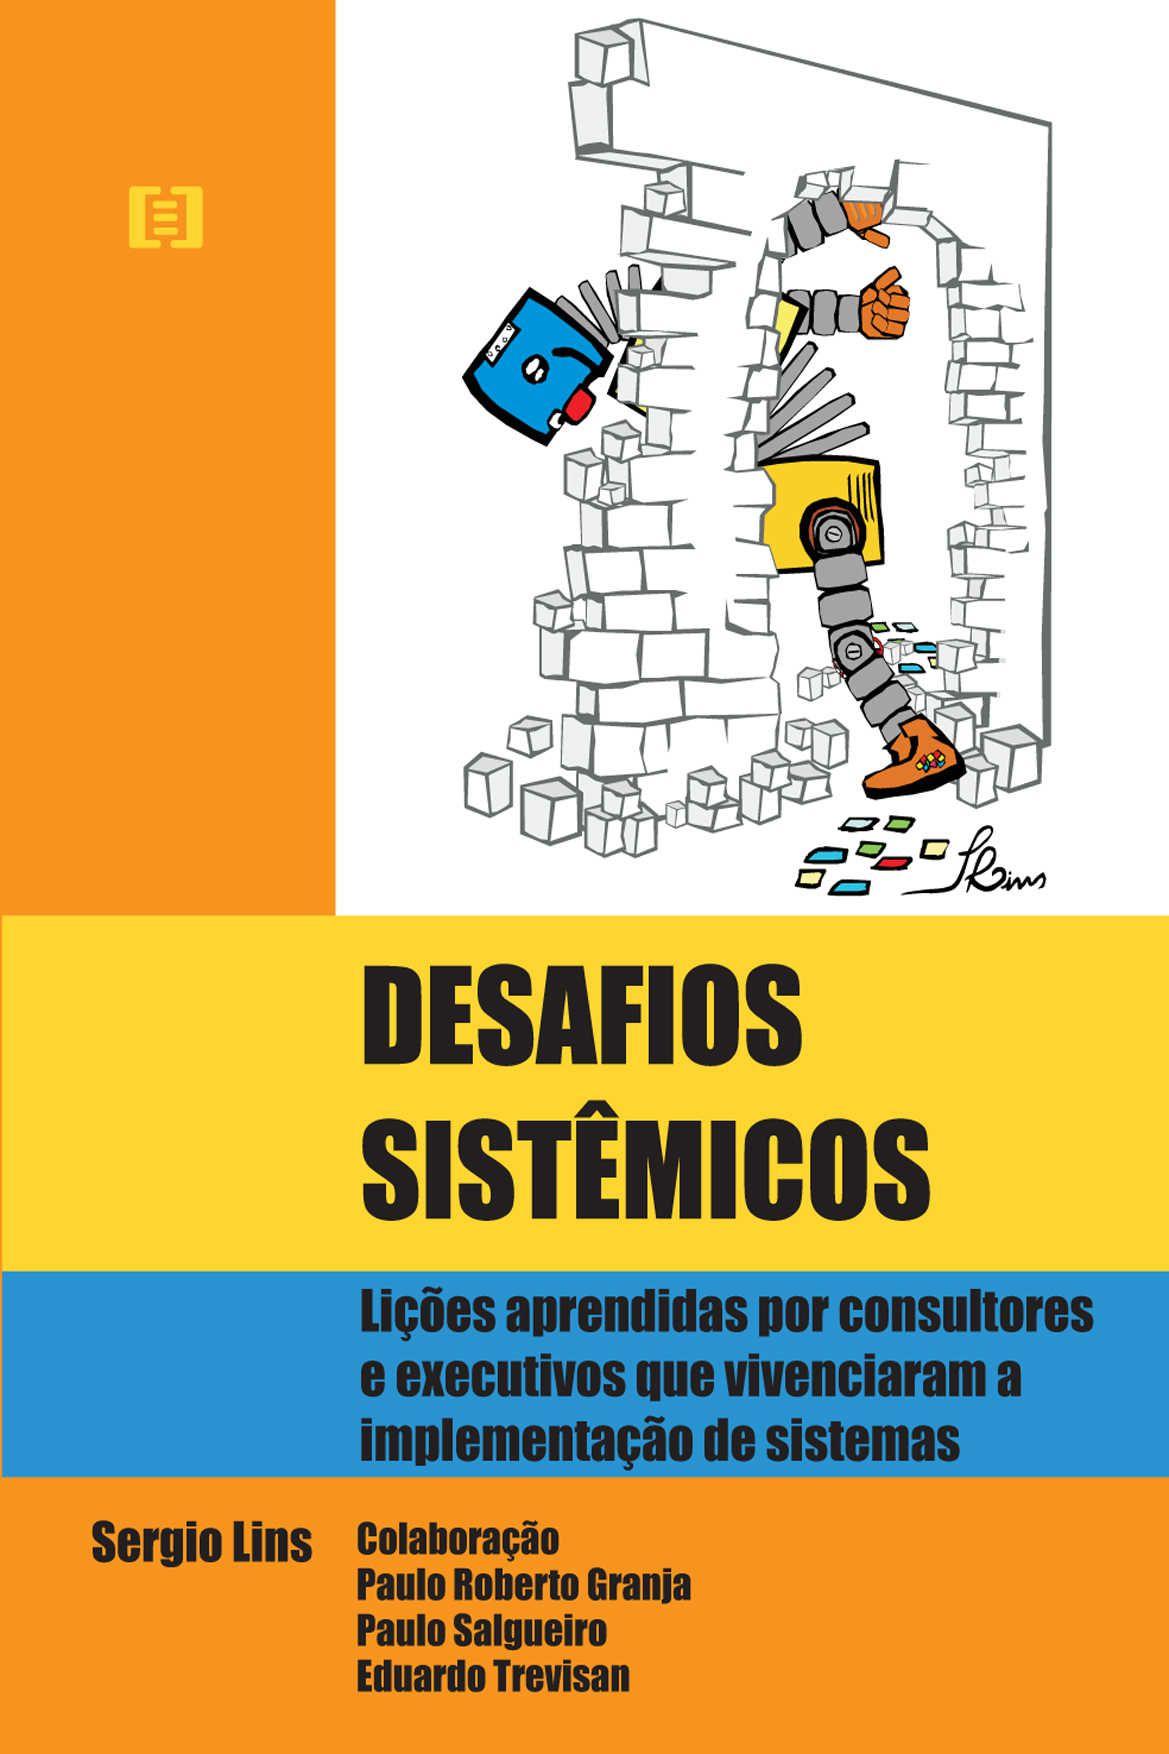 Desafios Sistêmicos: Lições aprendidas por consultores e executivos que vivenciaram a implementação de sistemas